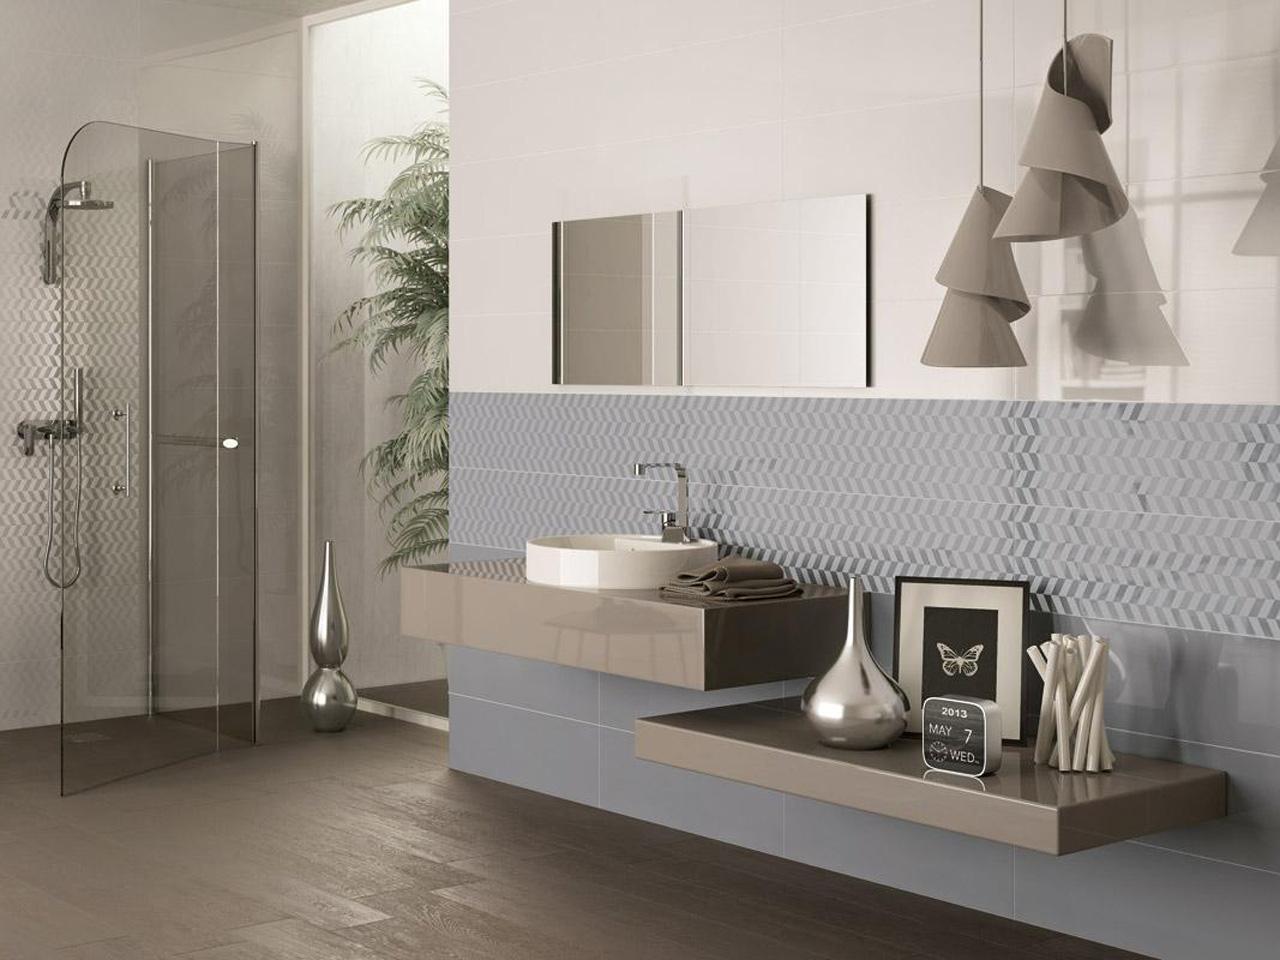 Bagnoidea prodotti e tendenze per arredare il bagno - Rivestire piastrelle bagno ...